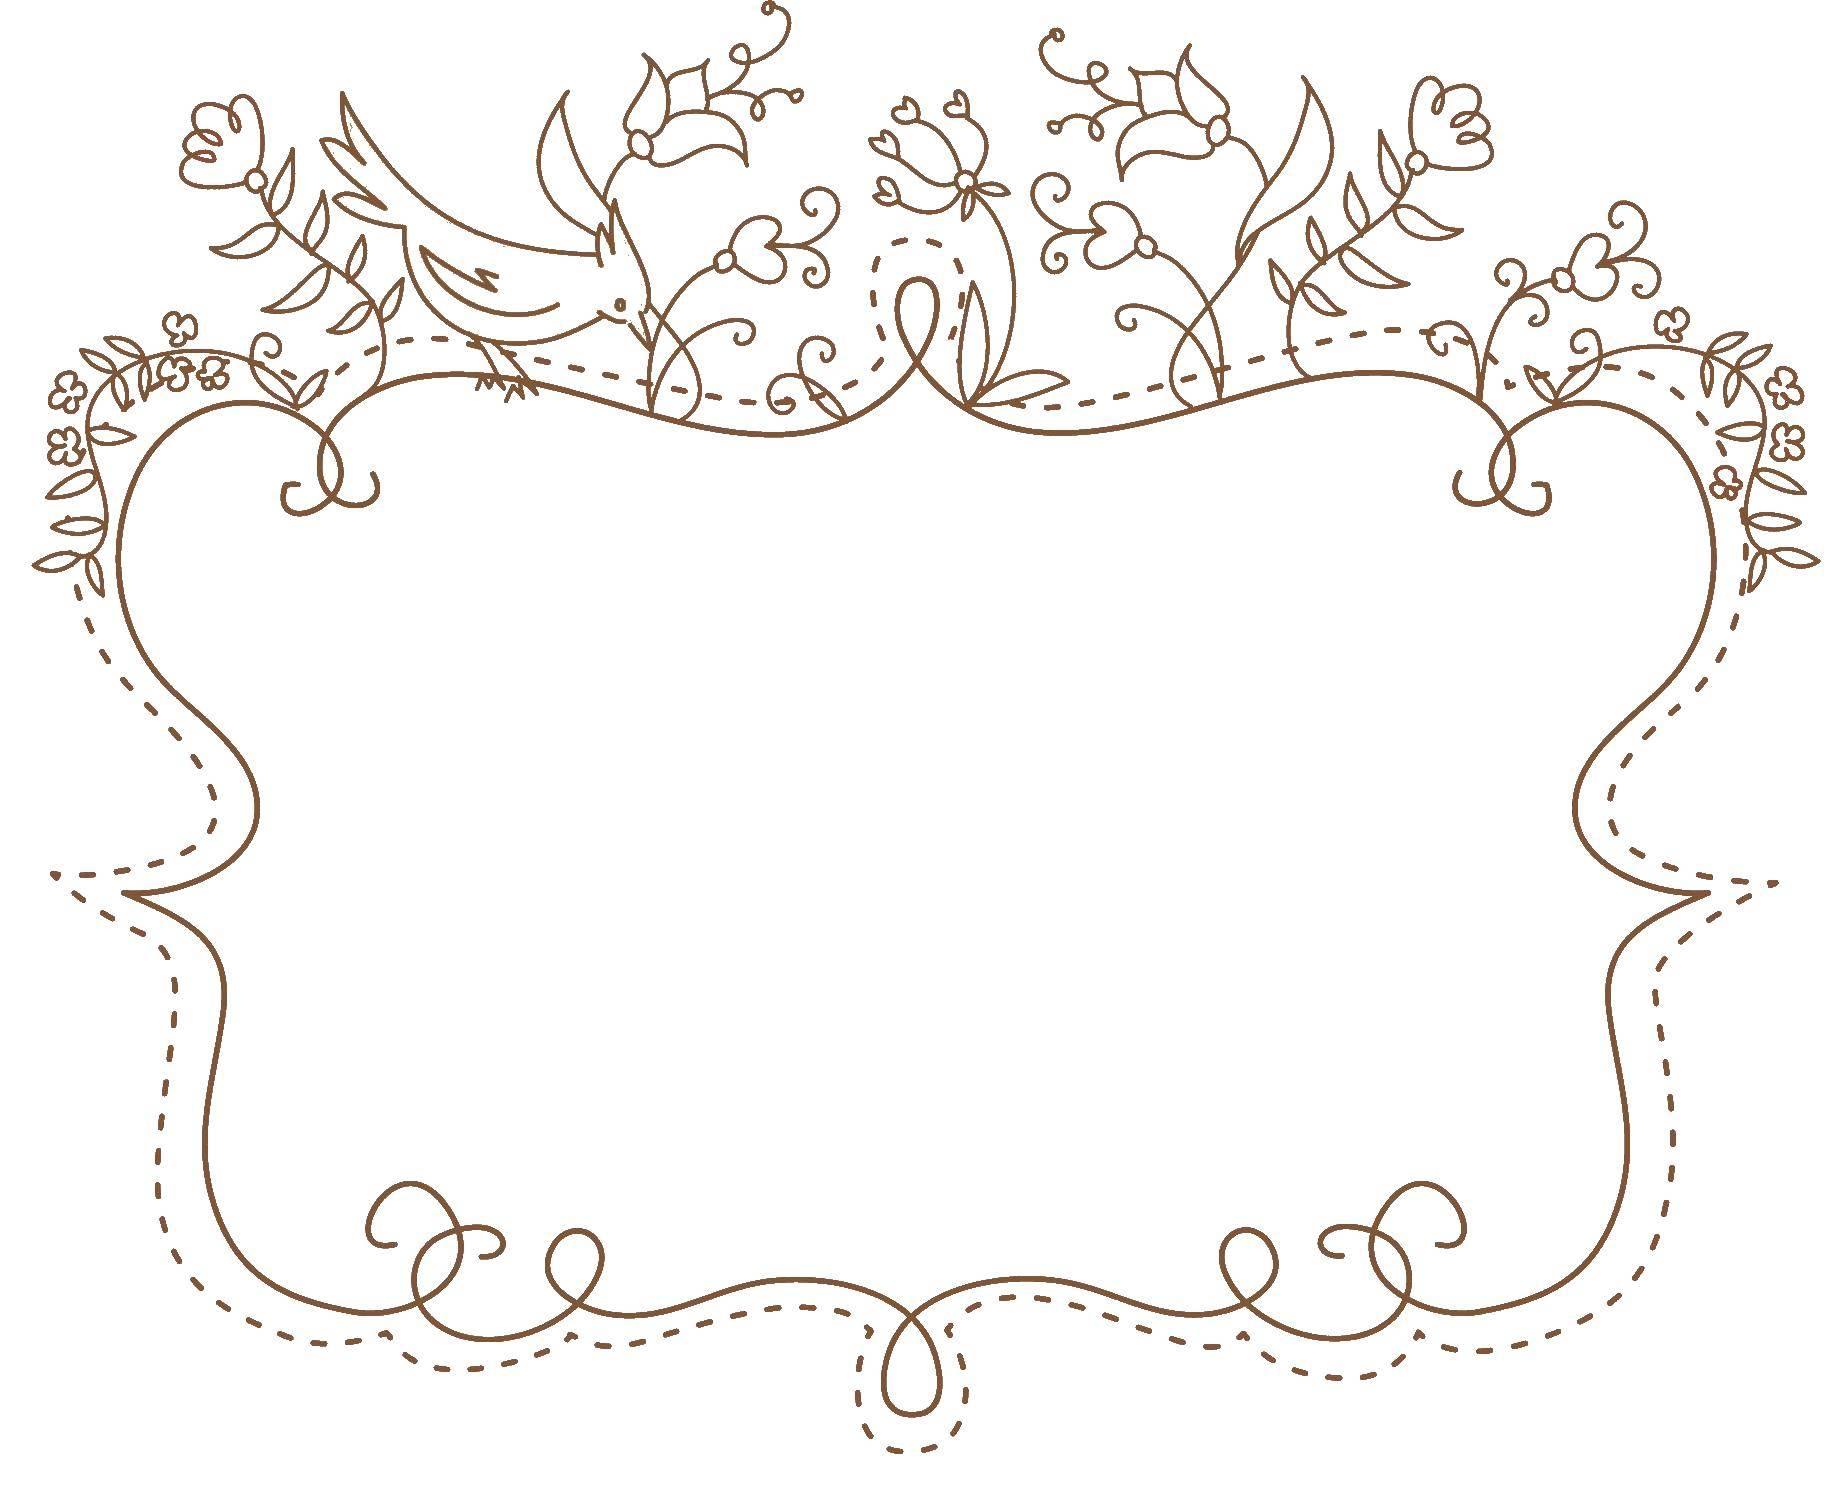 Раскраска Красивая рамка с завитушками Скачать рамка.  Распечатать ,рамки для текста,